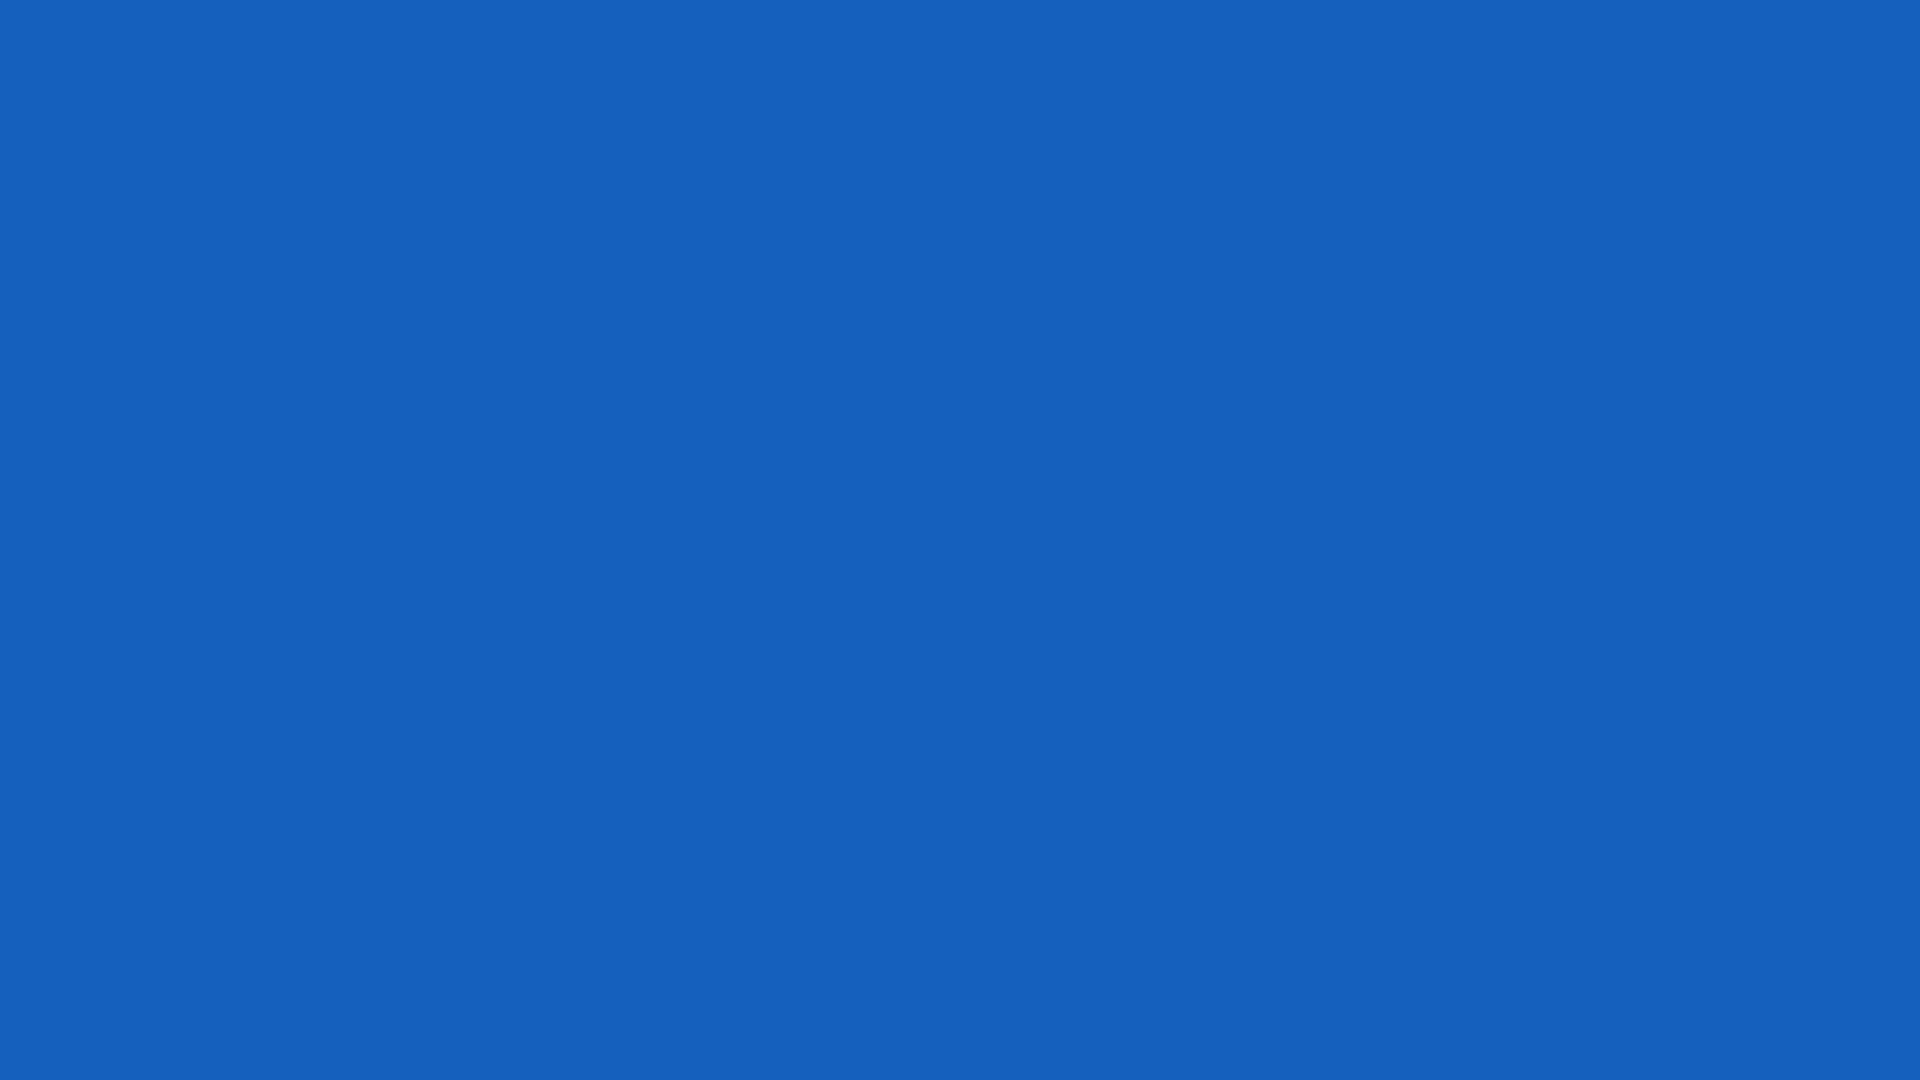 1920x1080 Denim Solid Color Background